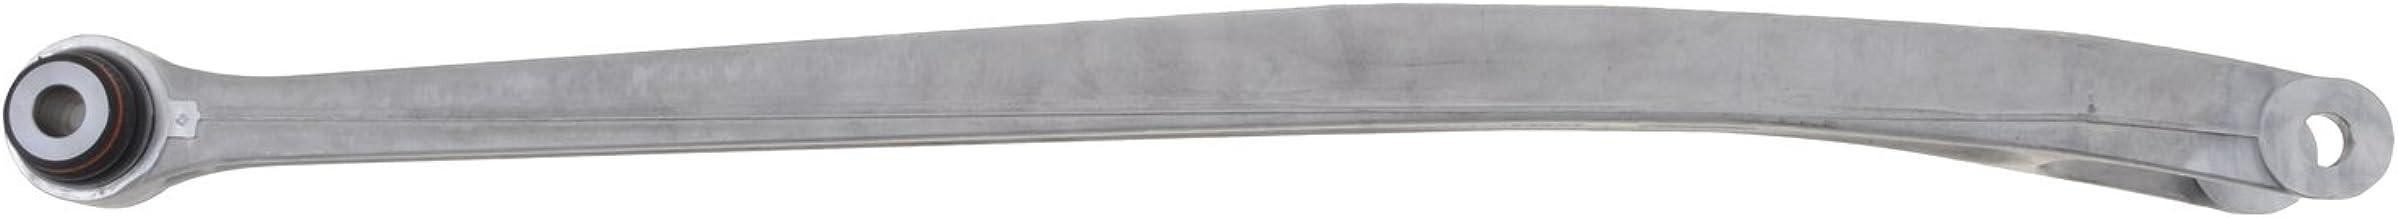 TRW JTC1316 Premium Control Arm